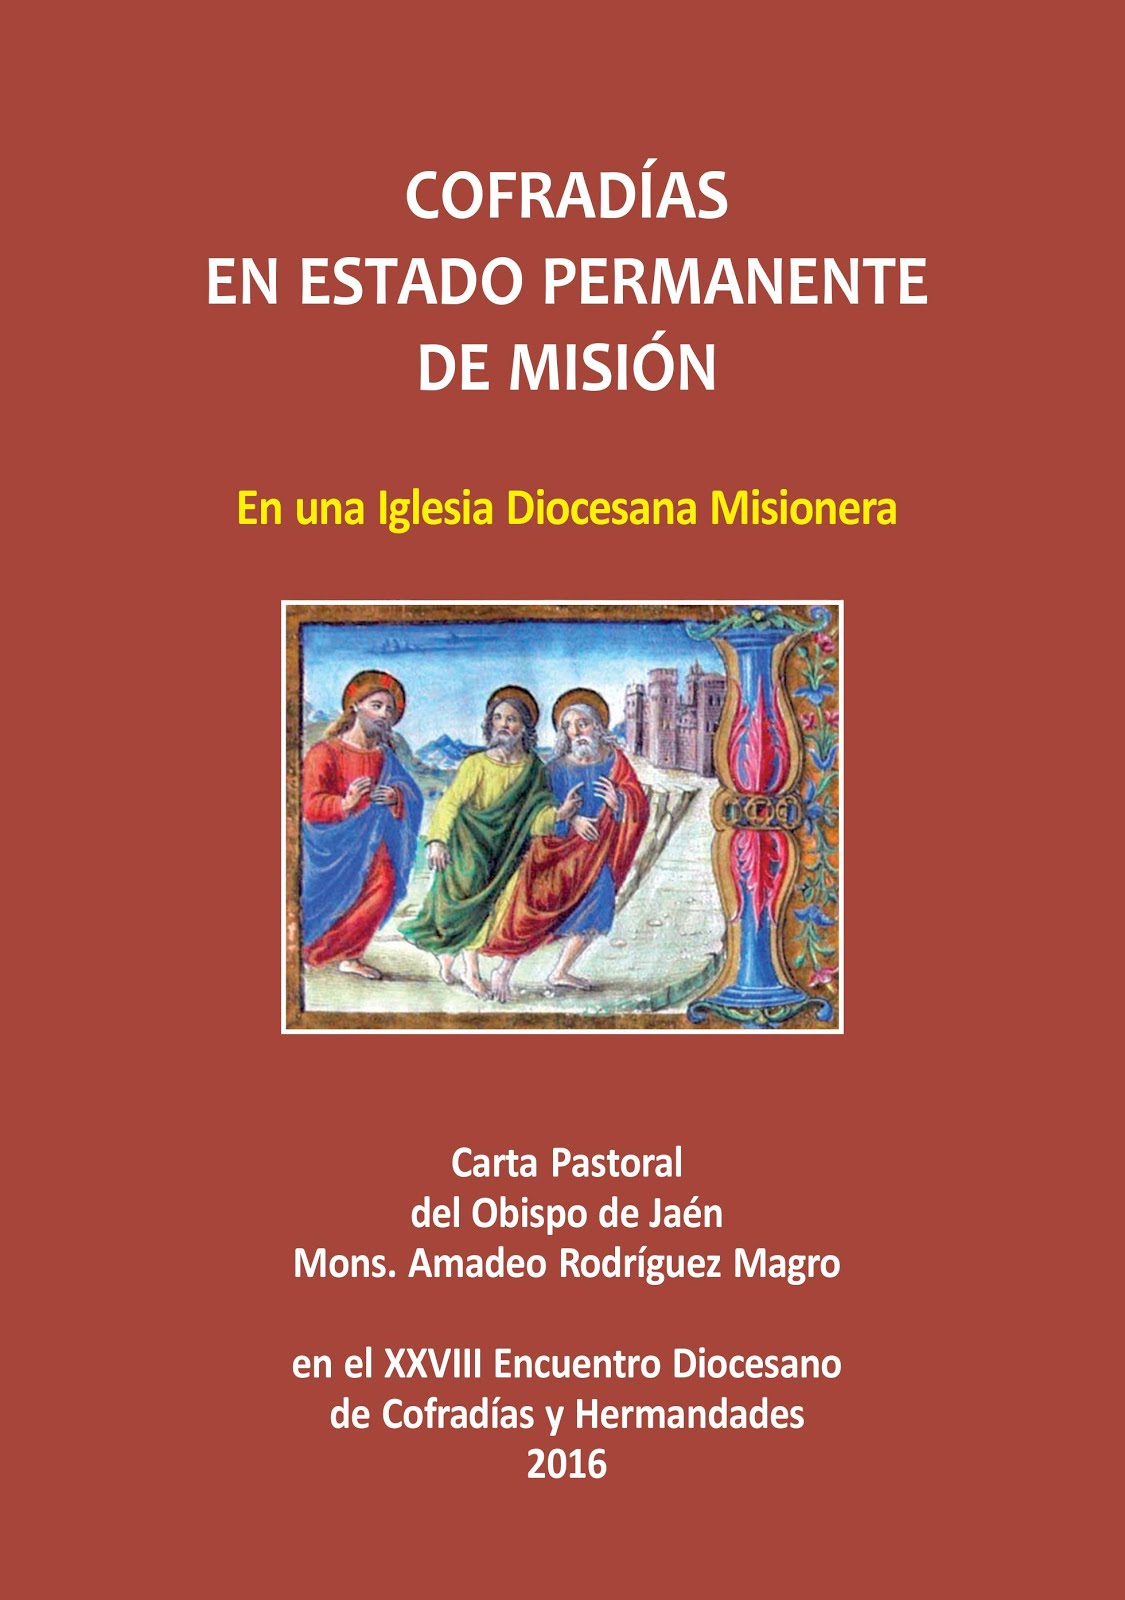 CARTA PASTORAL EN EL XXVIII ENCUENTRO DIOCESANO DE COFRADÍAS Y HERMANDADES 2016